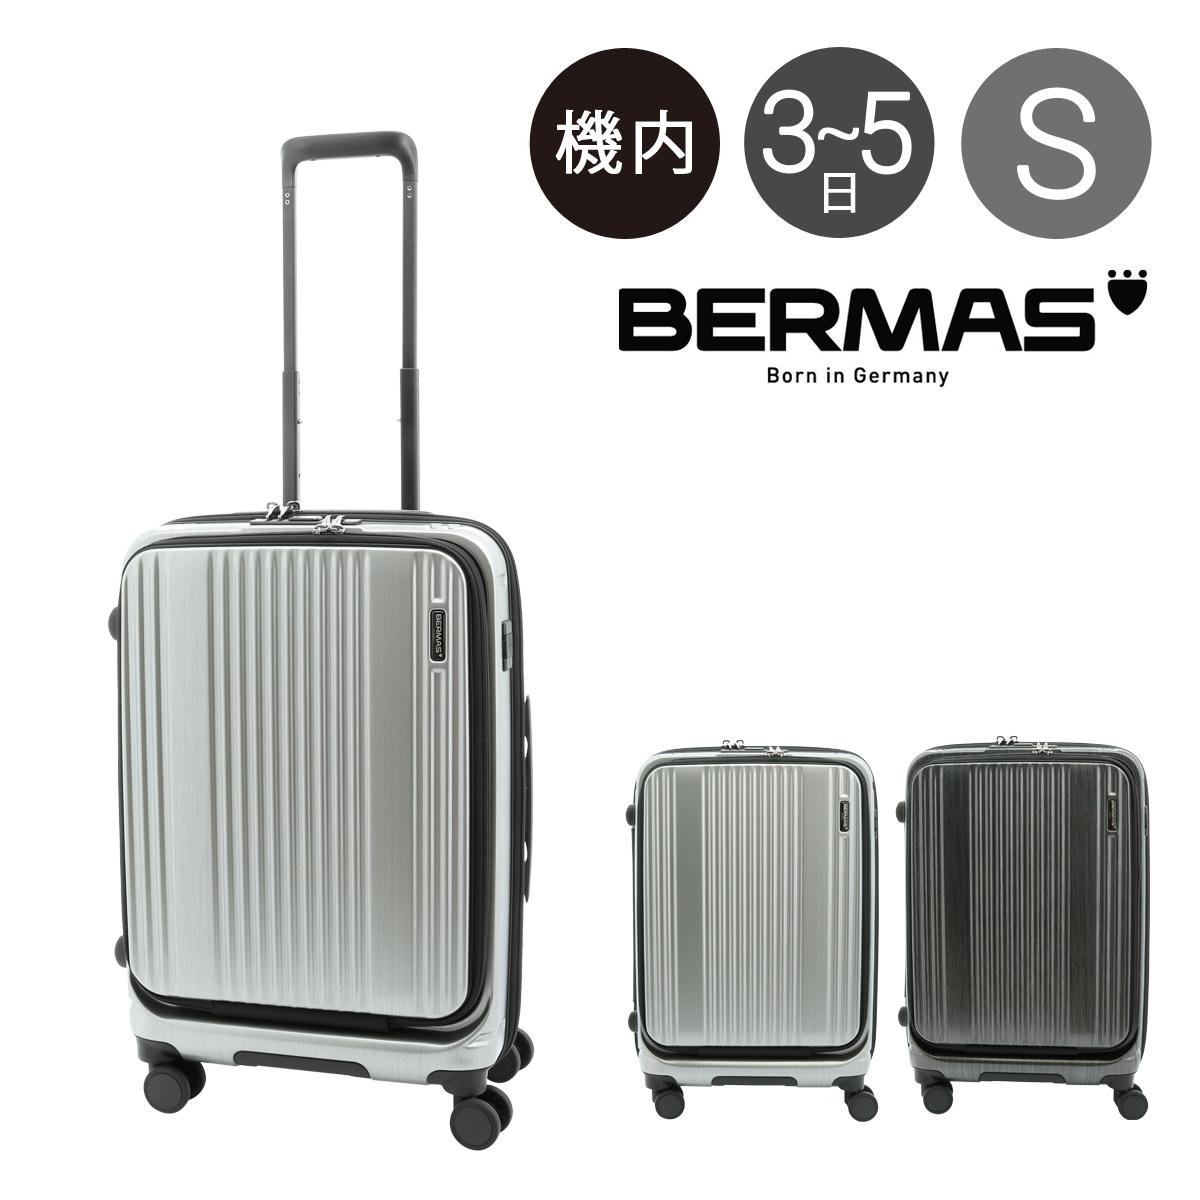 バーマス スーツケース 53L 56cm 3.5kg ハードファスナー メンズ 60501 BERMAS   キャリーバッグ キャリーケース TSAロック搭載[PO10]